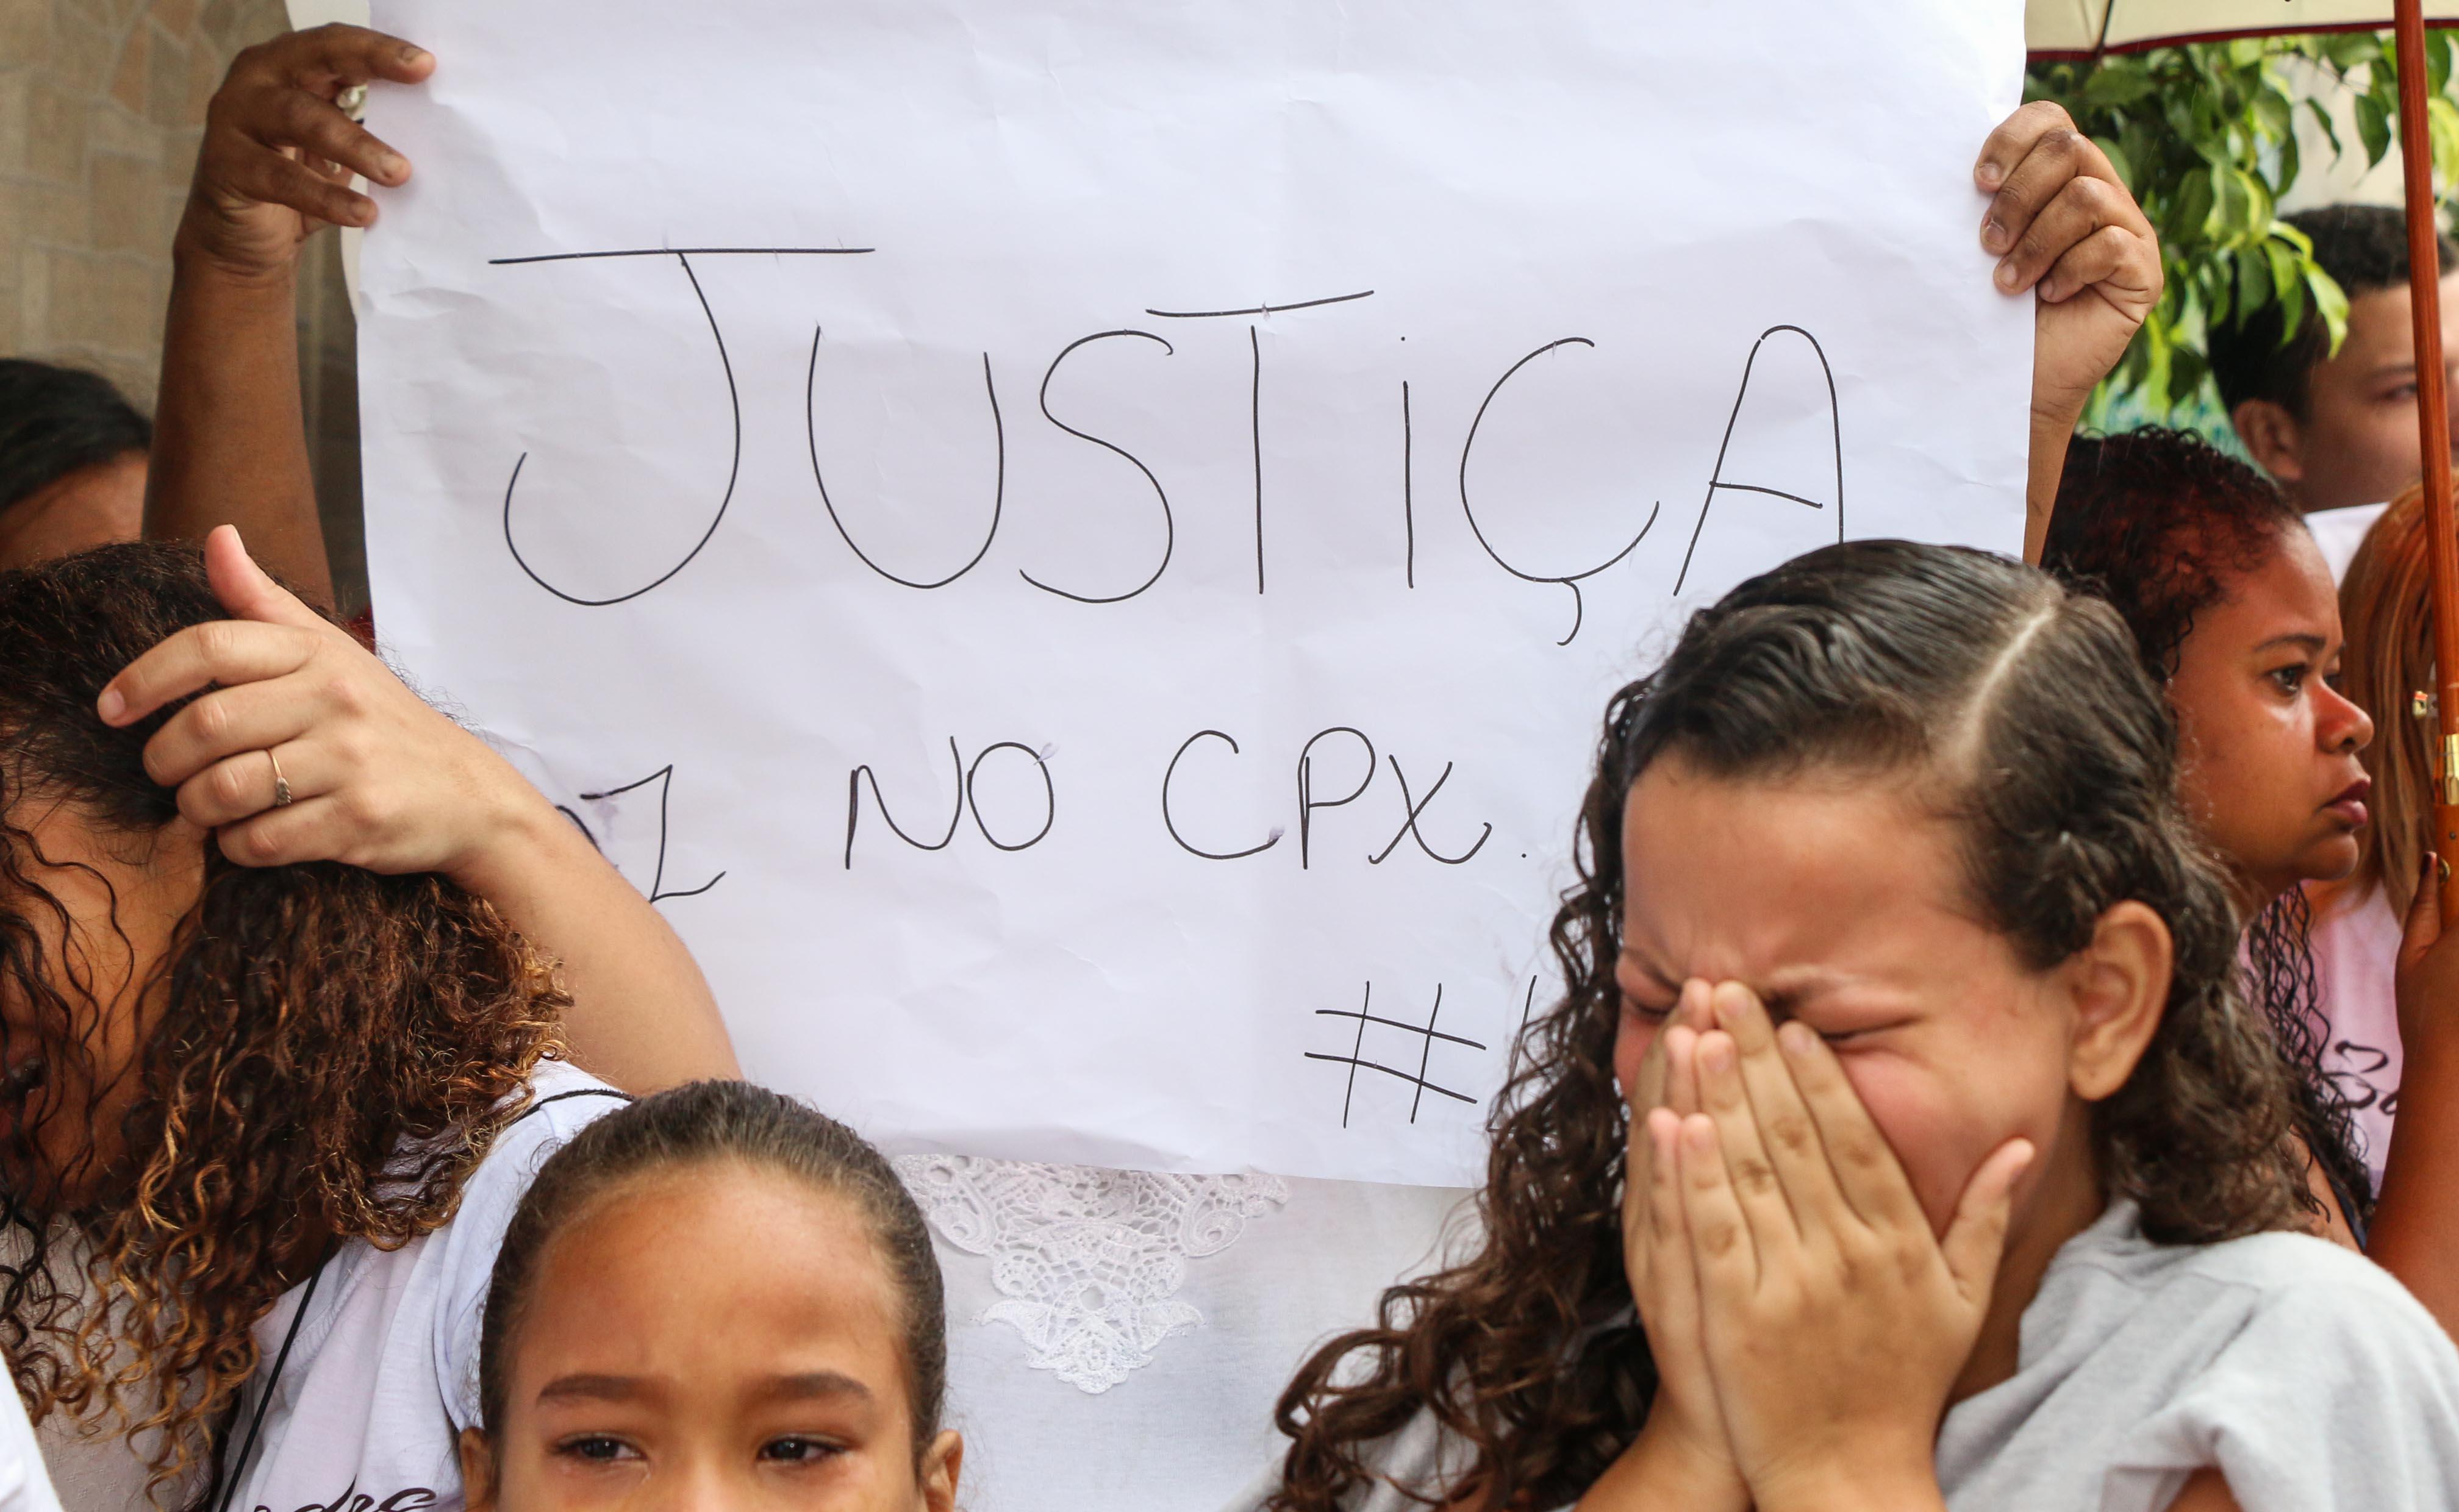 Amigos protestam durante enterro de Gustavo Silva Foto: Betinho Casas Novas